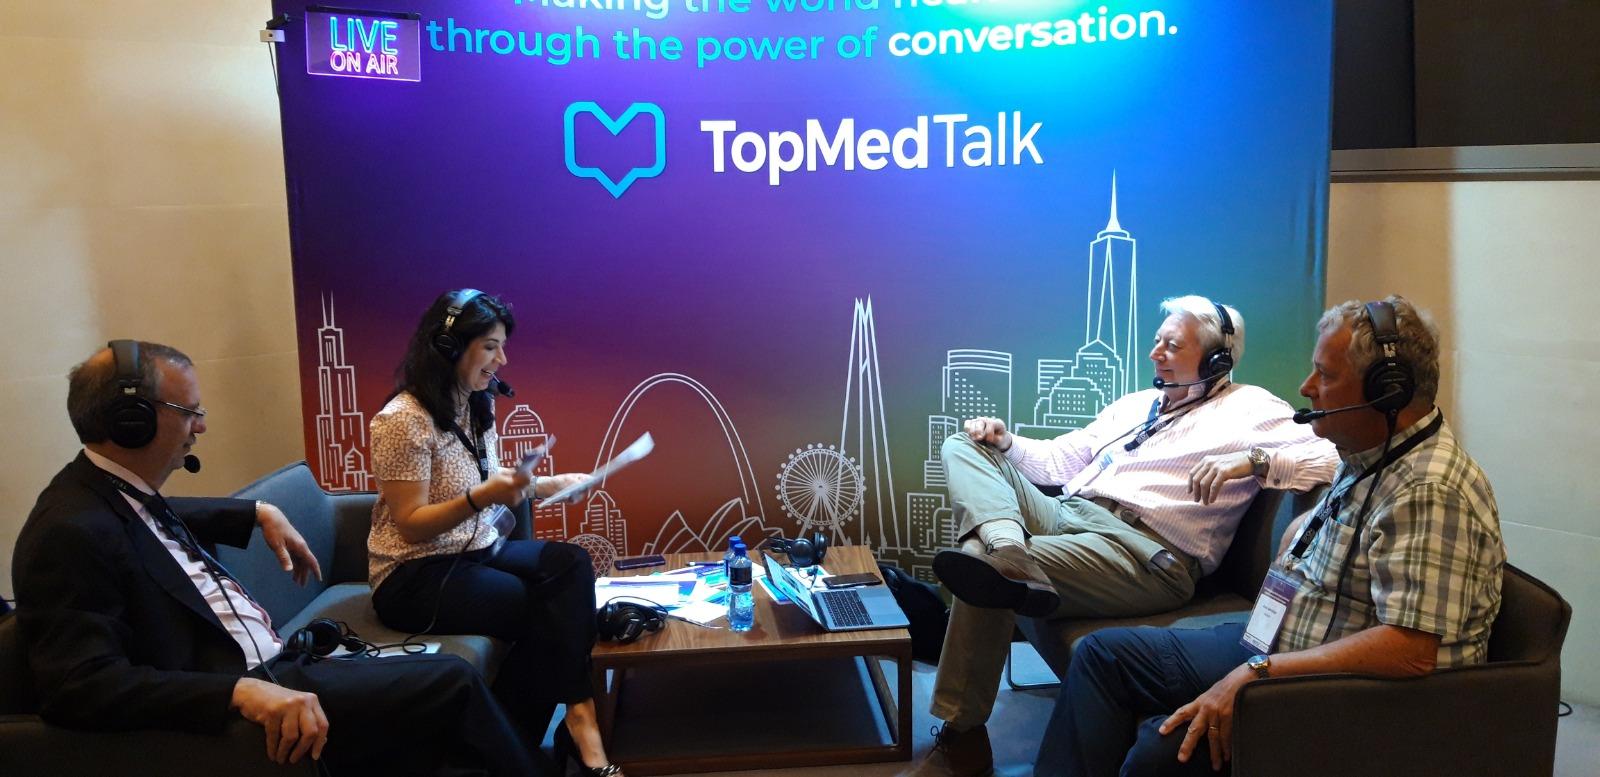 TopMedTalks to... | Lee Fleisher and Ross Kerridge show art